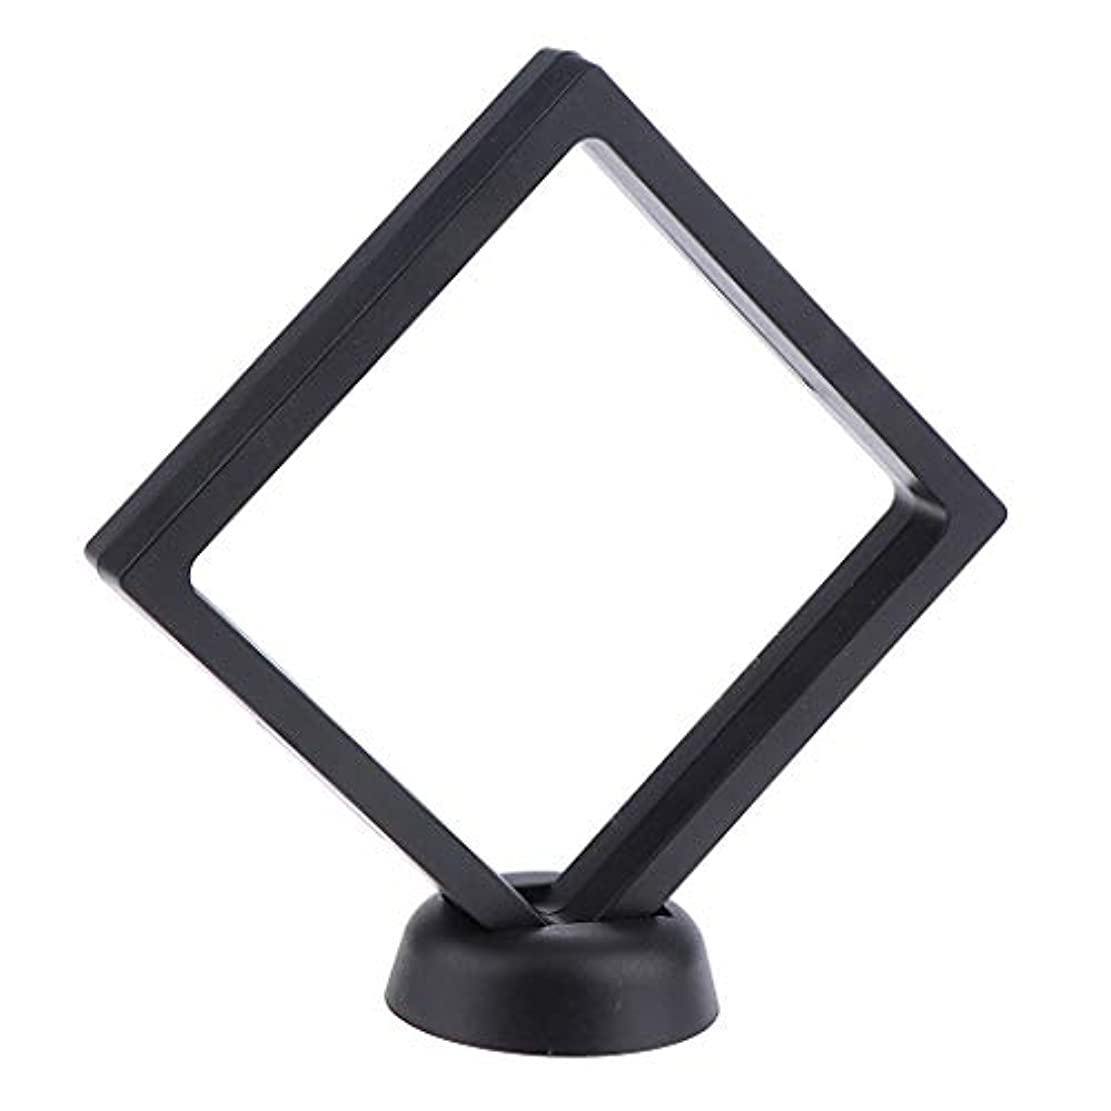 ハンディキャップ団結する損失B Baosity ネイルアート 展示用 ボード ネイルサロン ネイルヒント ディスプレイスタンド 2色選べ - ブラック